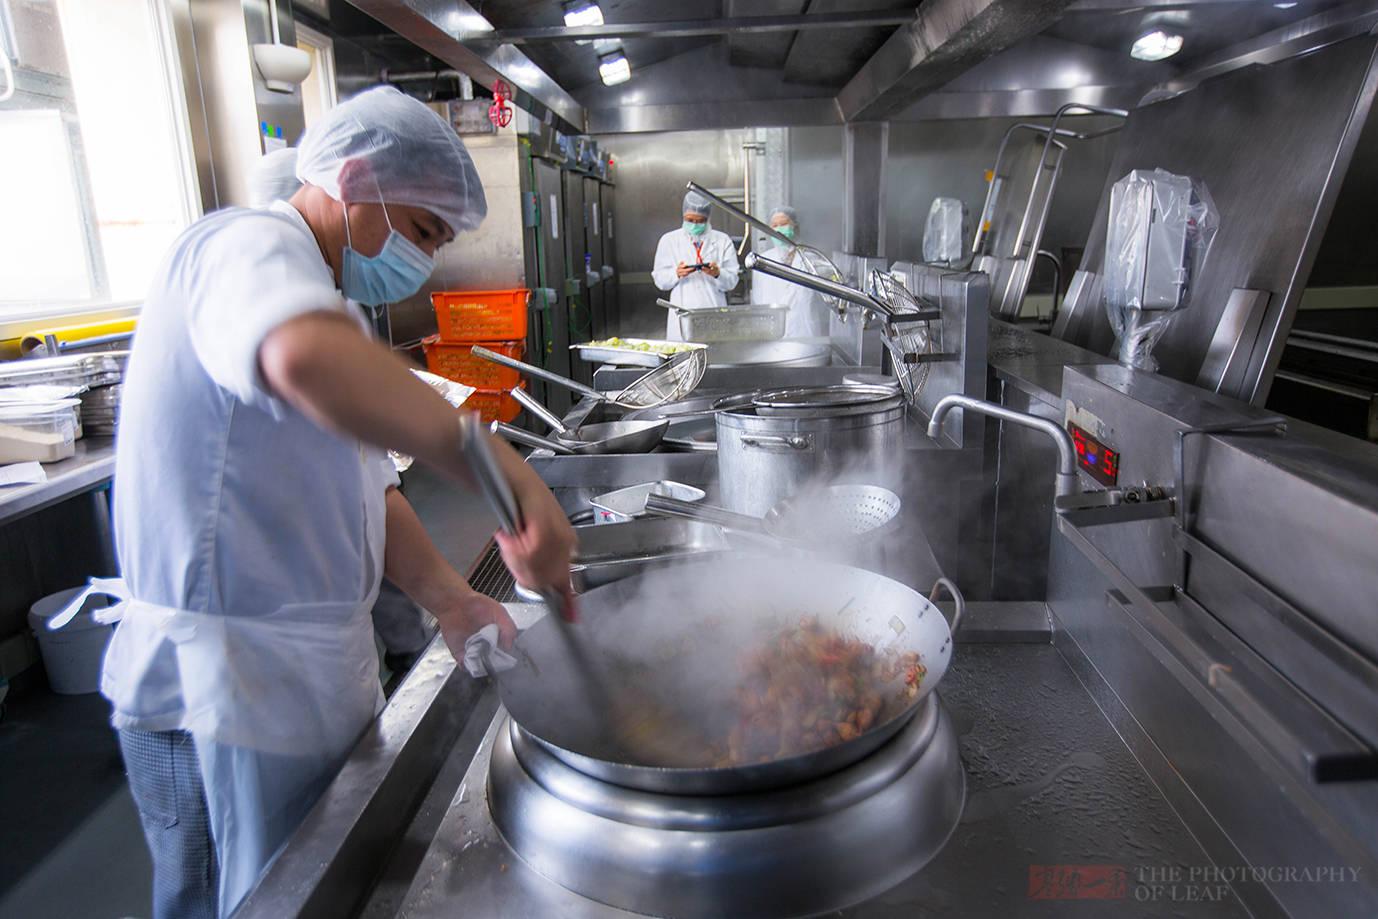 机场厨房首次对外公开,飞机餐难吃有原因,食品安全才是首要任务